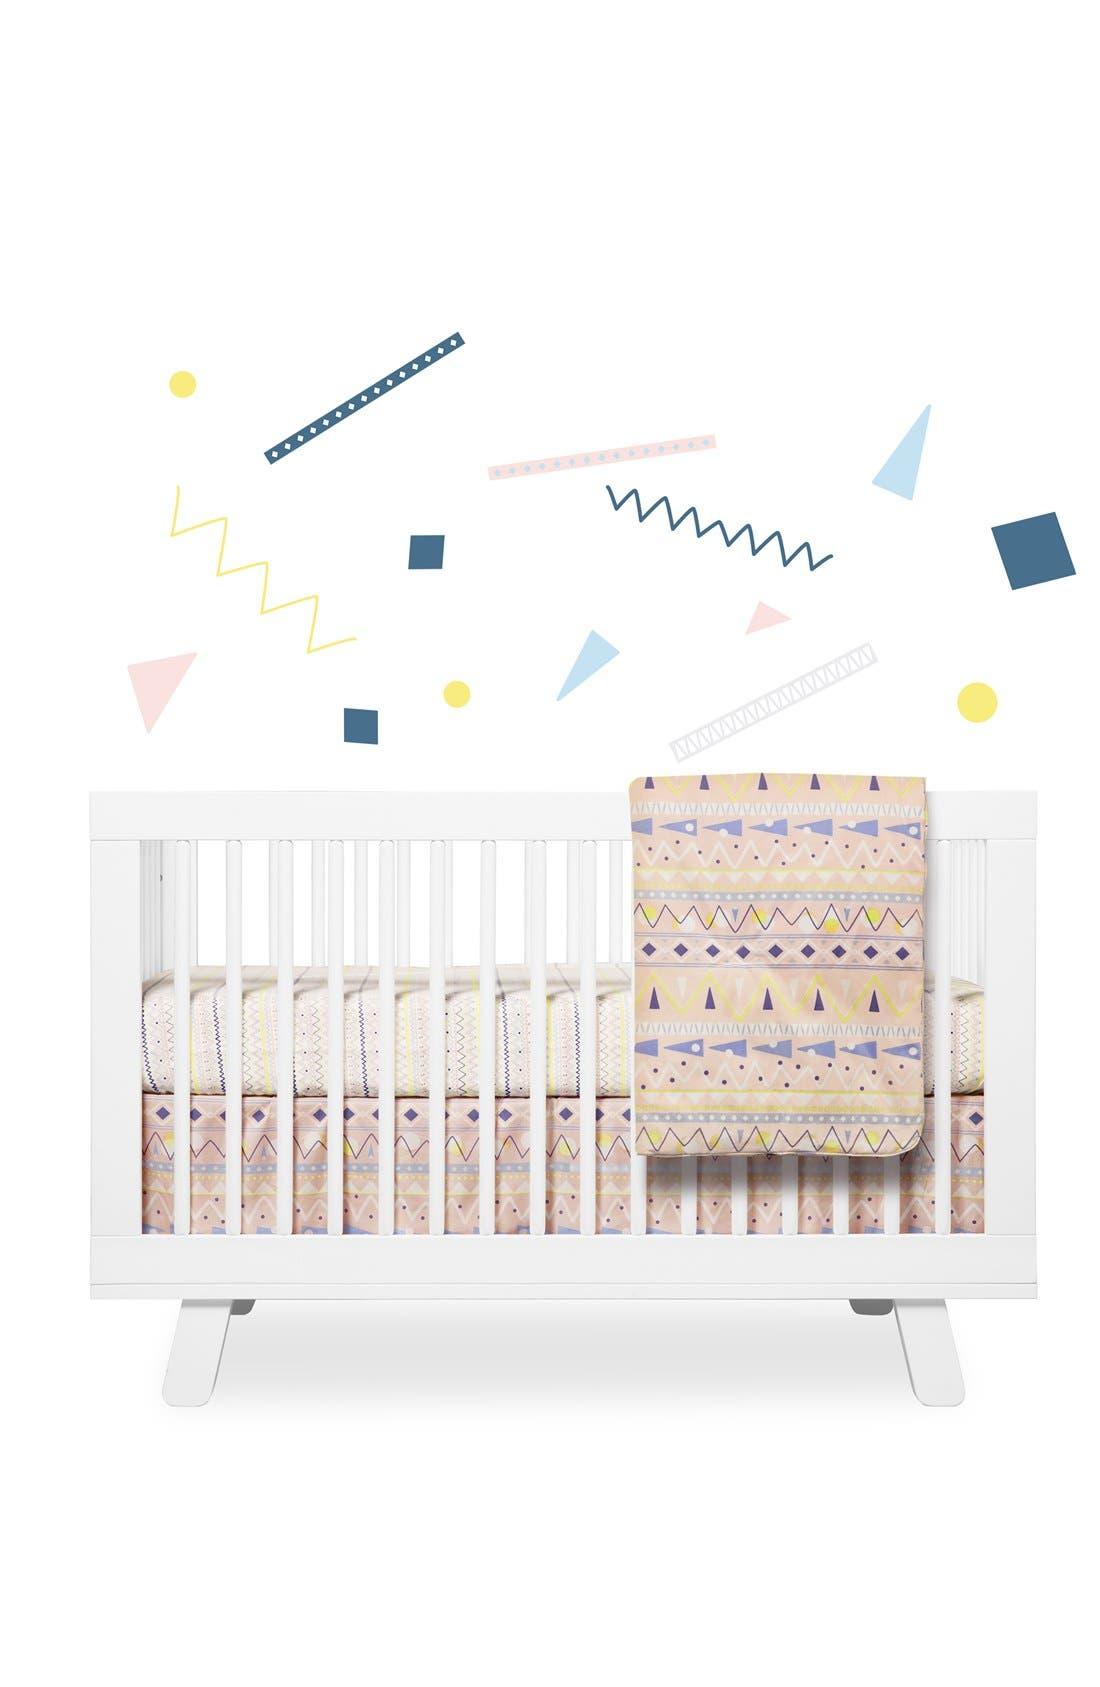 'Desert' Crib Sheet, Crib Skirt, Stroller Blanket & Wall Decals,                         Main,                         color, Off White